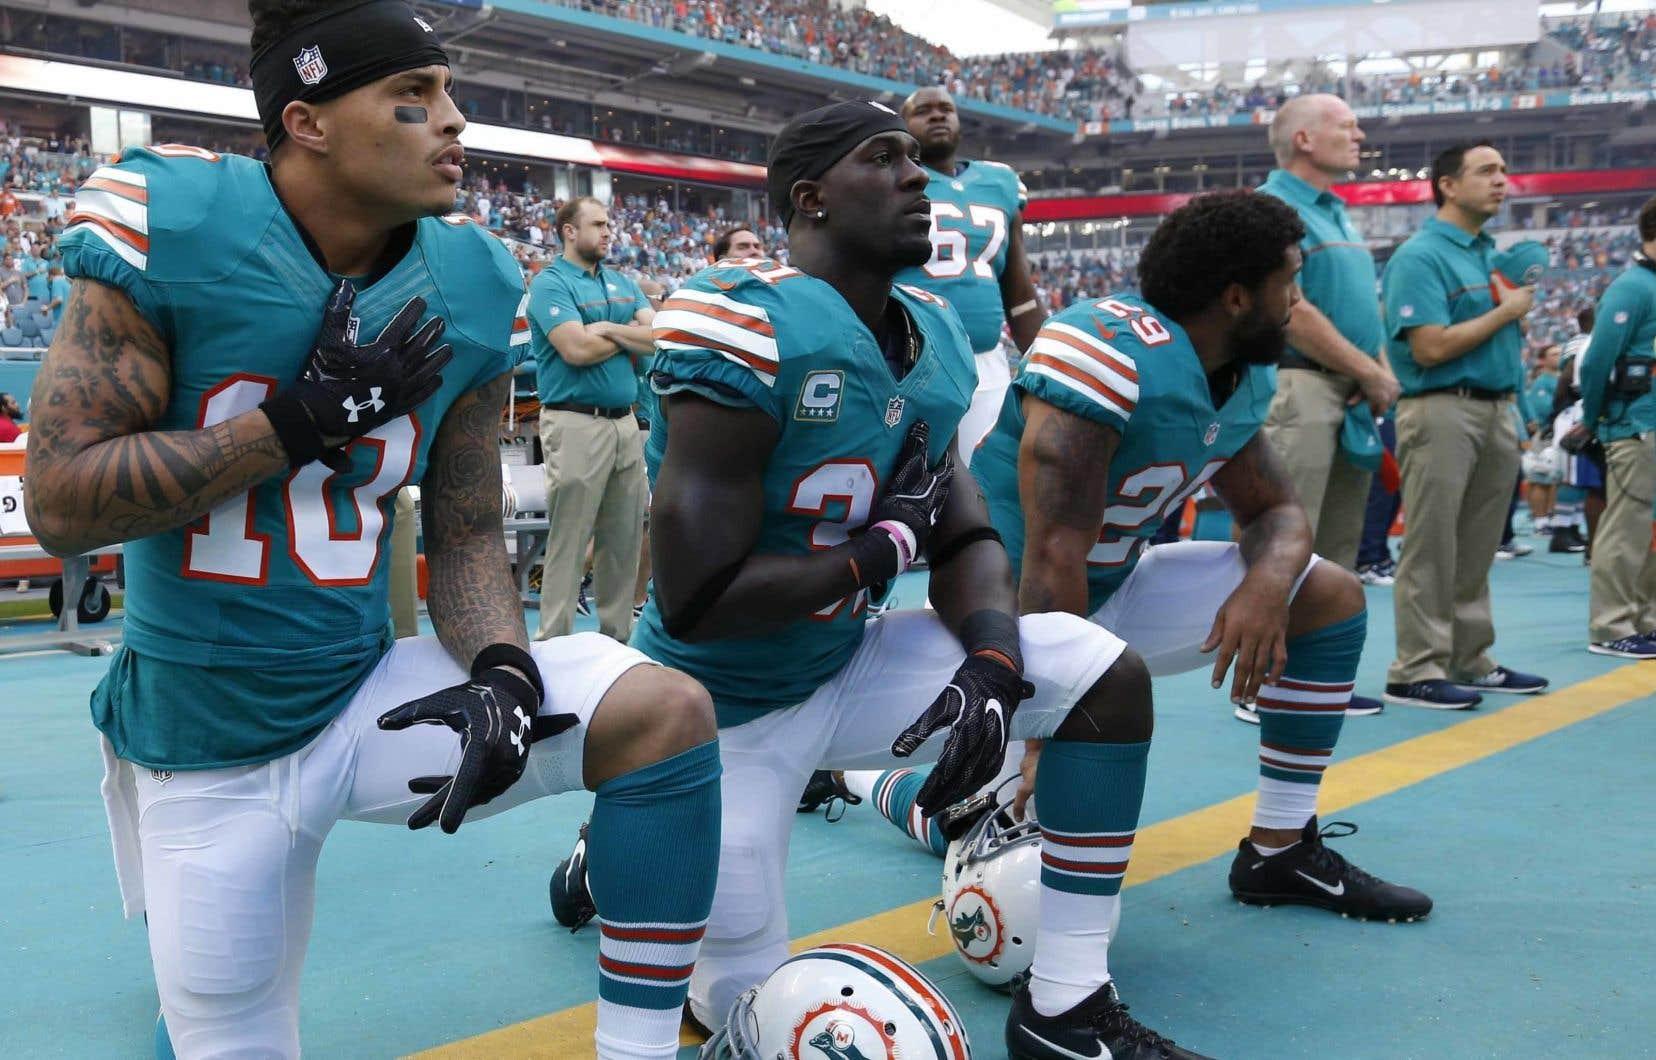 Les joueurs des Dolphins Kenny Stills, Michael Thomas et Chris Culliver s'agenouillent pendant l'hymne national, avant un match disputé en octobre 2016.